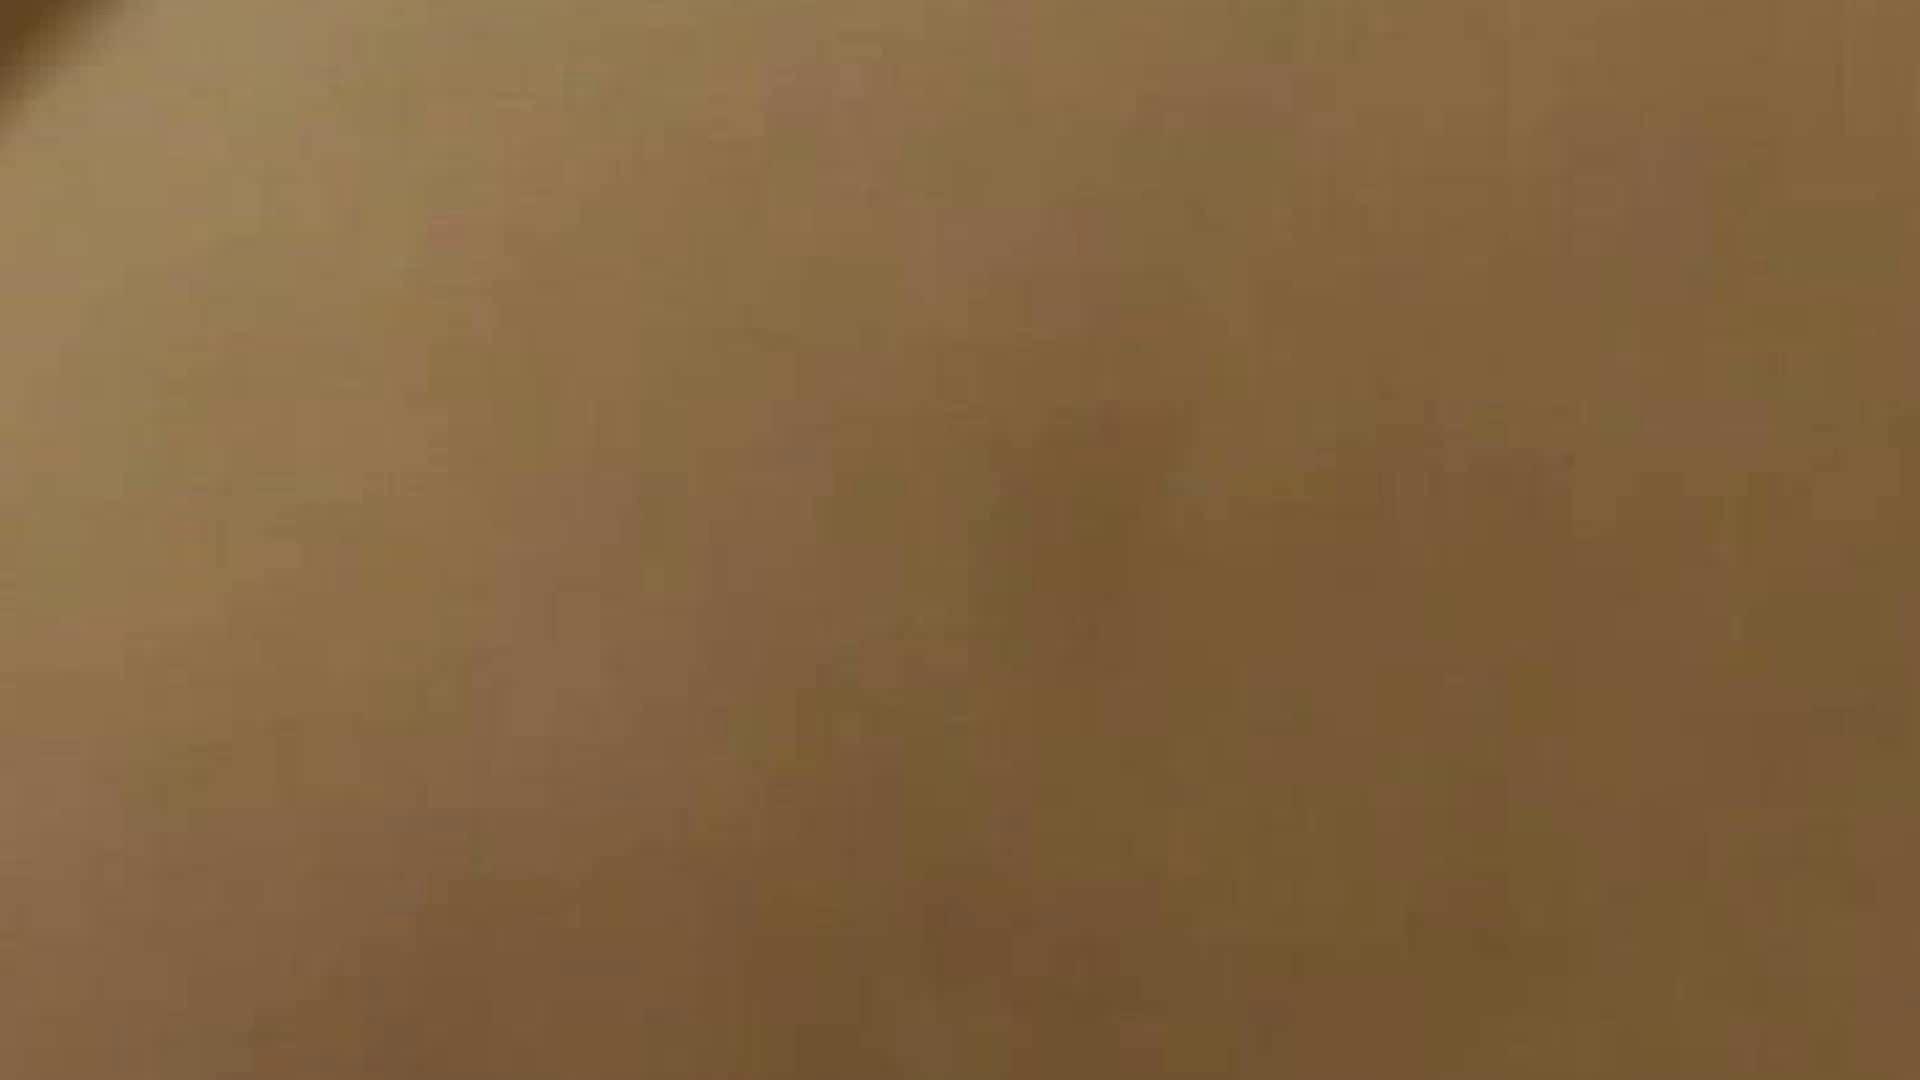 S級ギャルのハメ撮り!生チャット!Vol.22 ギャルのエロ動画 ワレメ動画紹介 109PIX 41